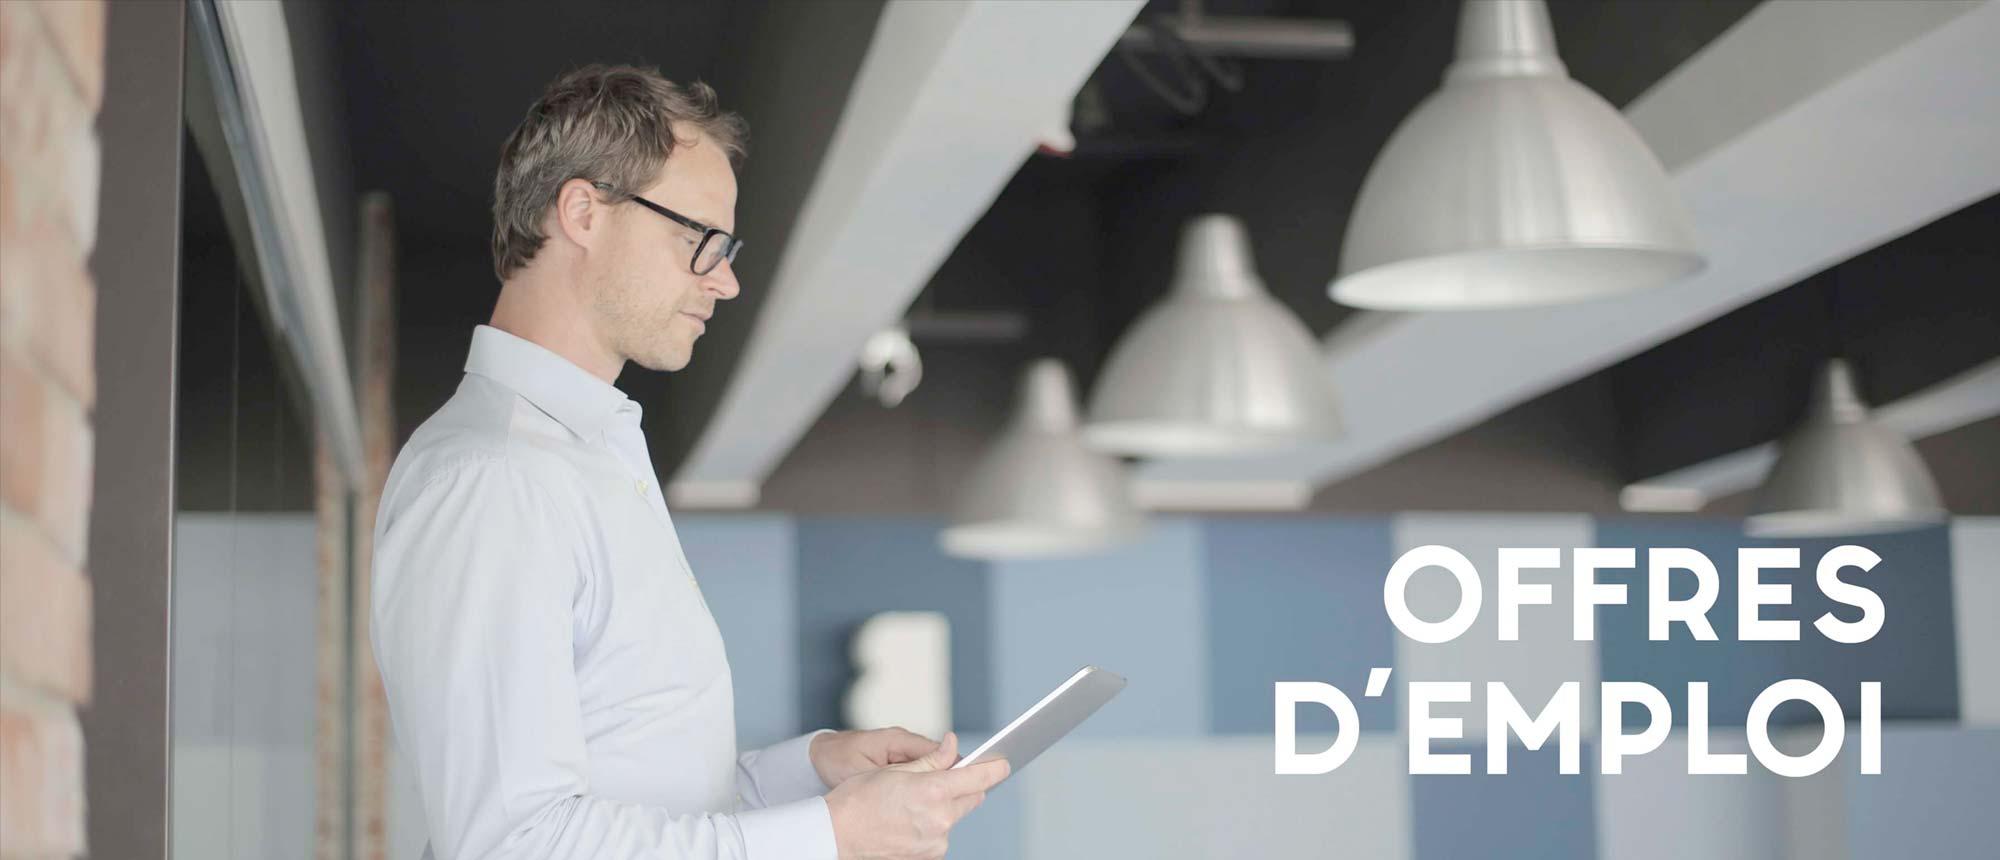 Proxis-Developpement-groupe-industriel-francais-offre-emploi-01